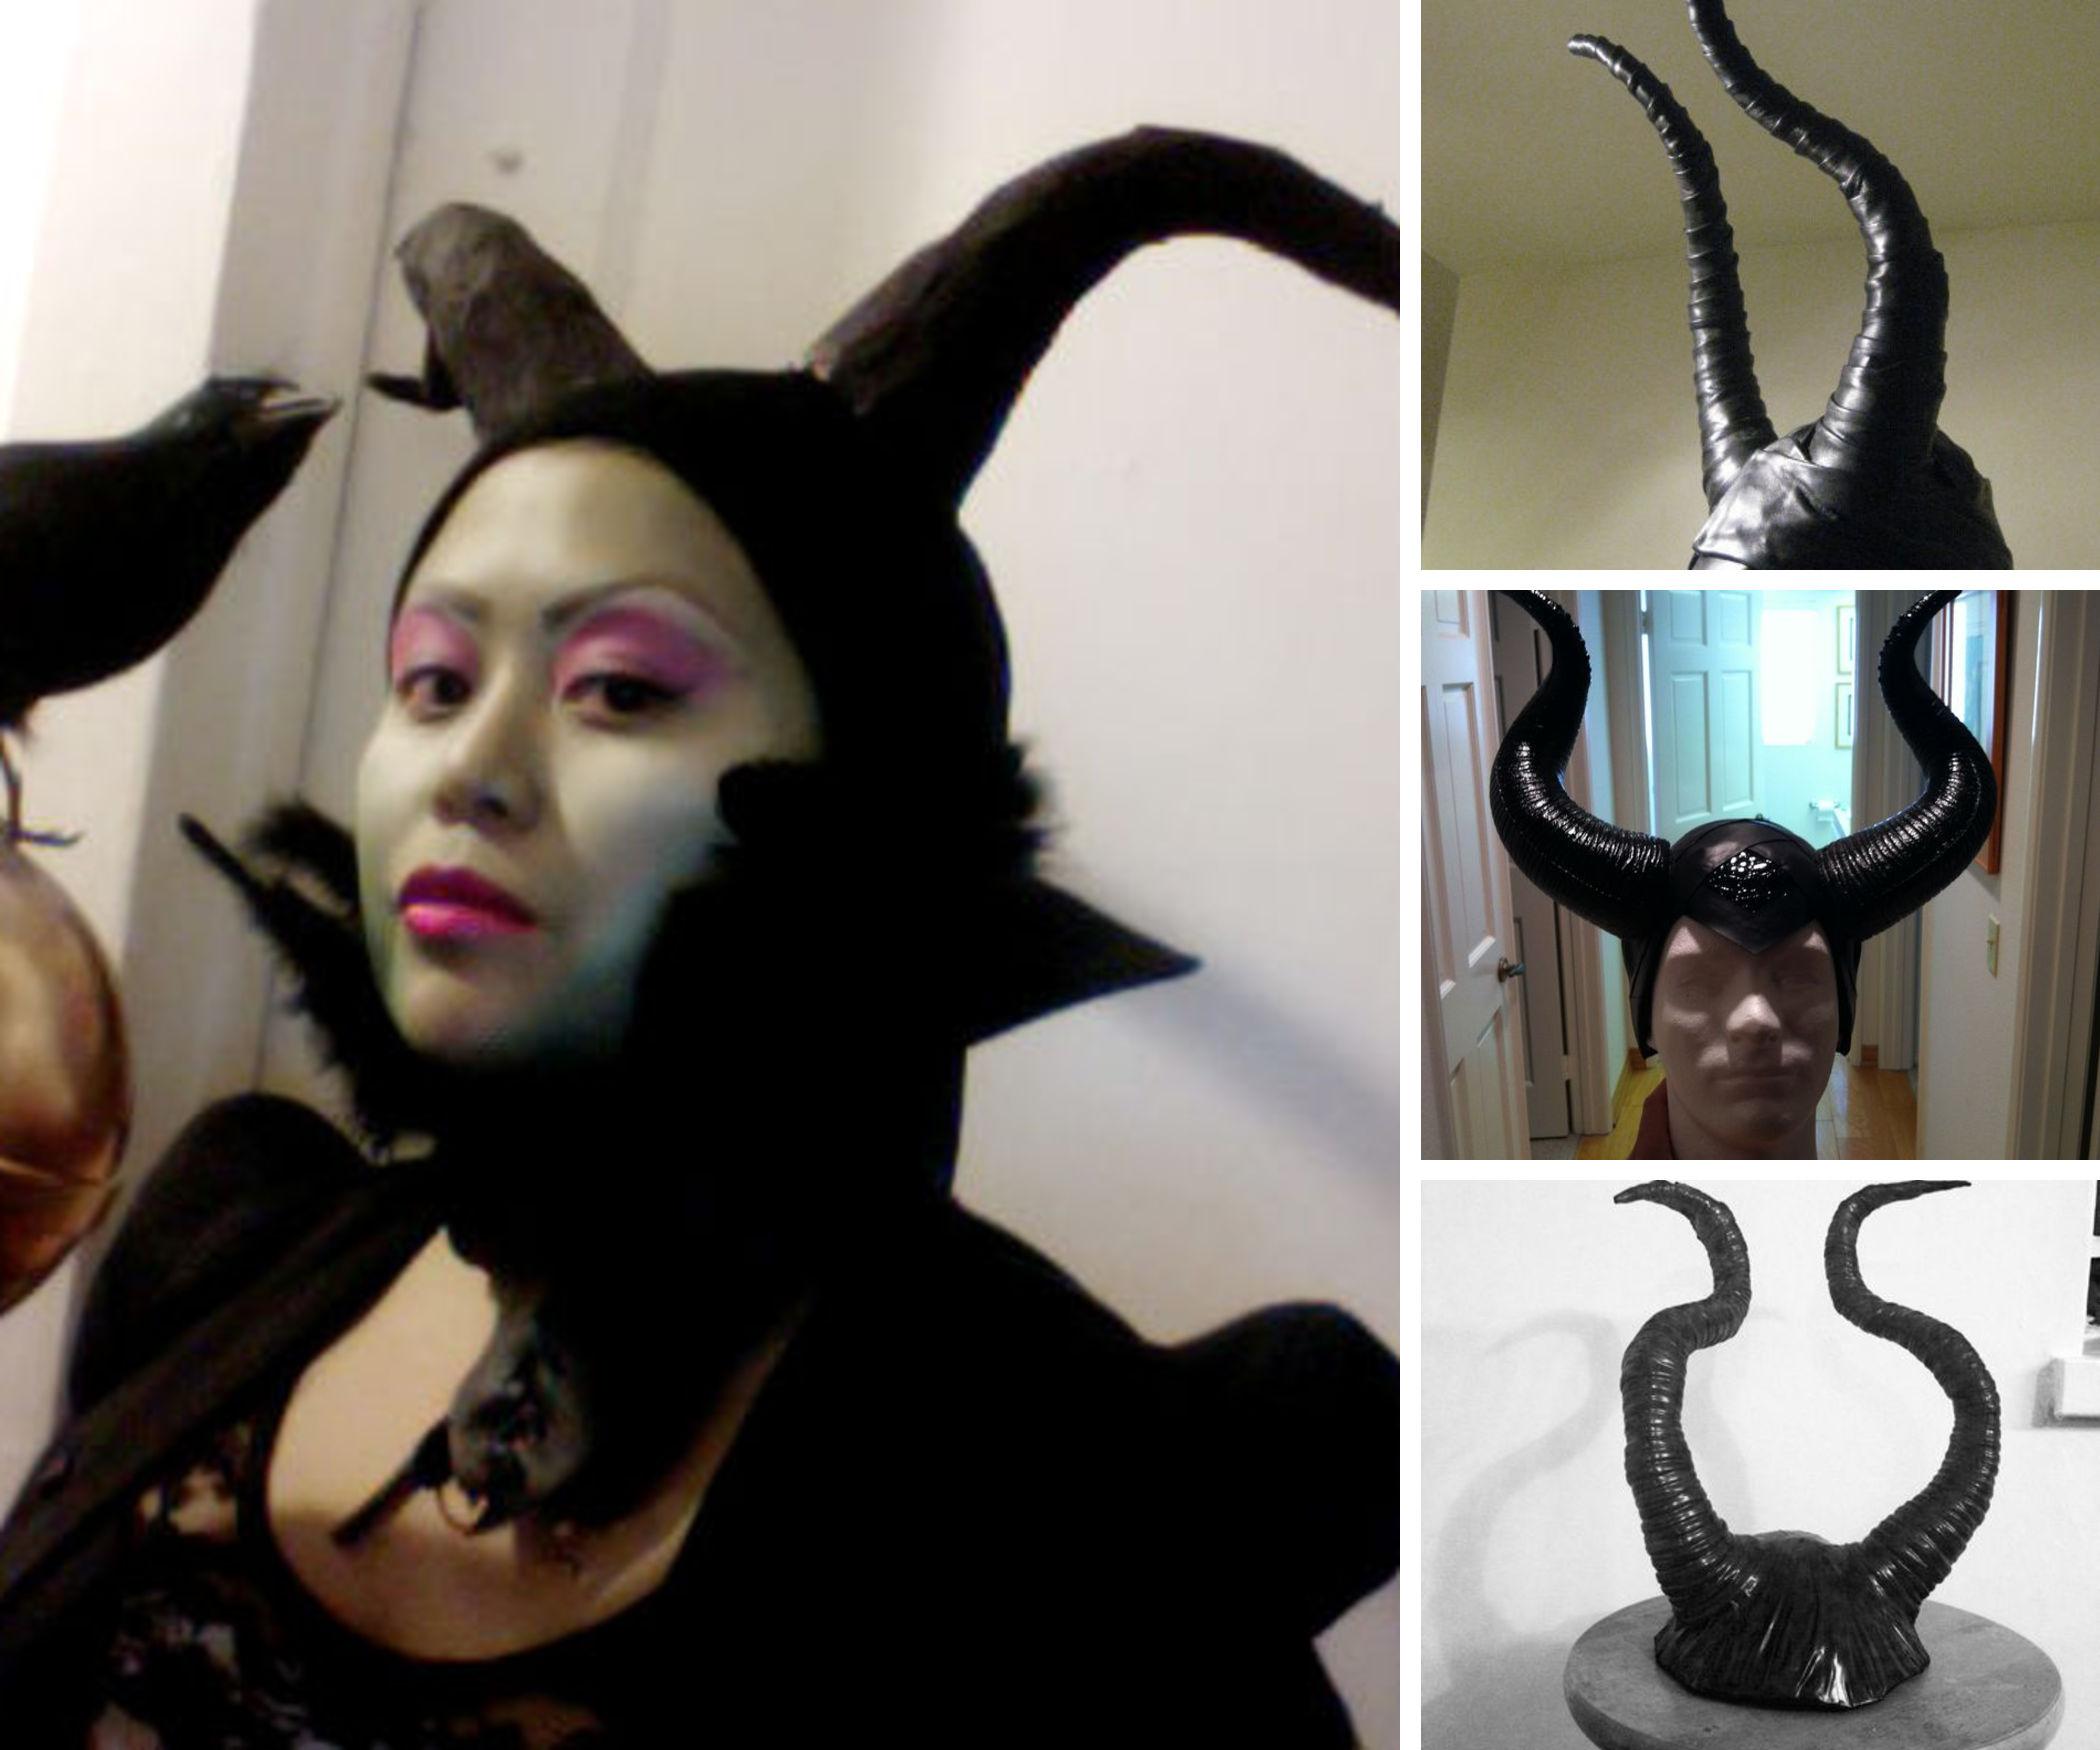 5 Ways to Make Maleficent Horns